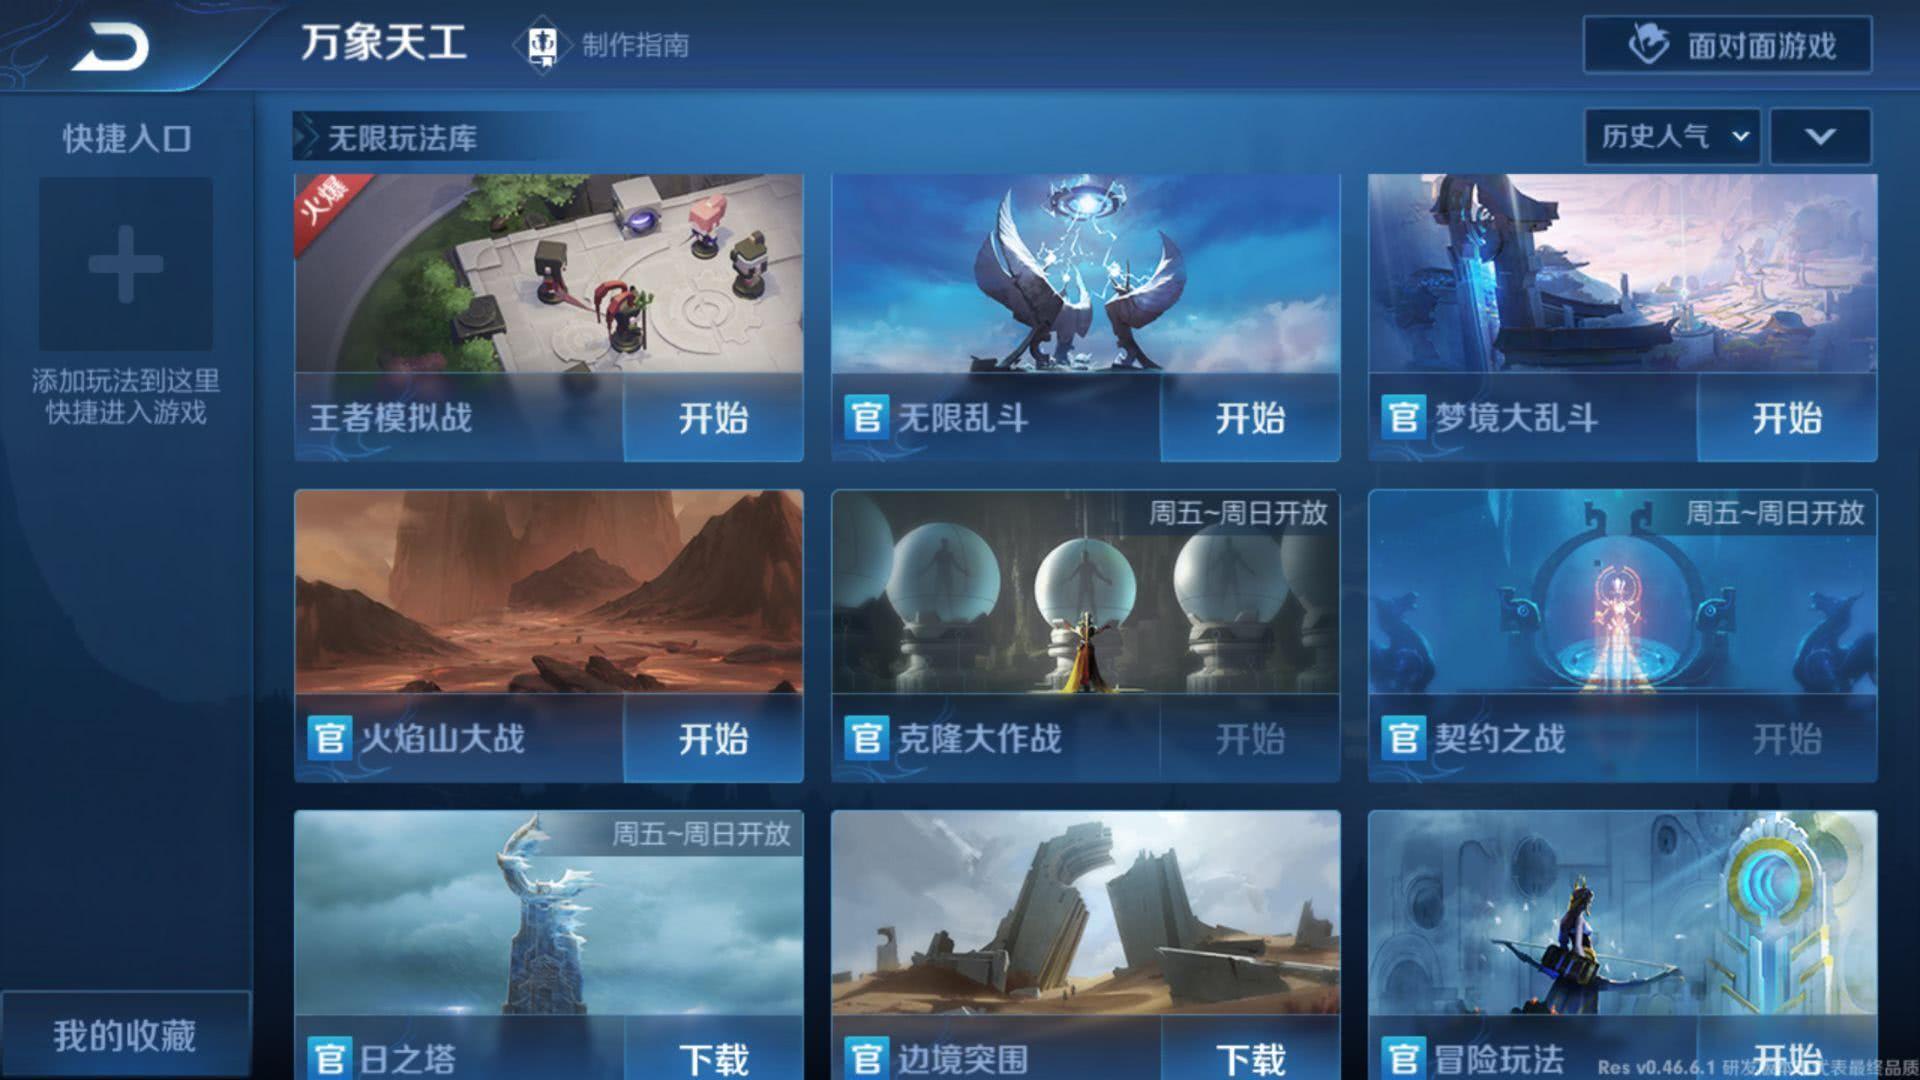 王者荣耀:万象天工公布娱乐模式排行,最后一名还不如冒险玩法